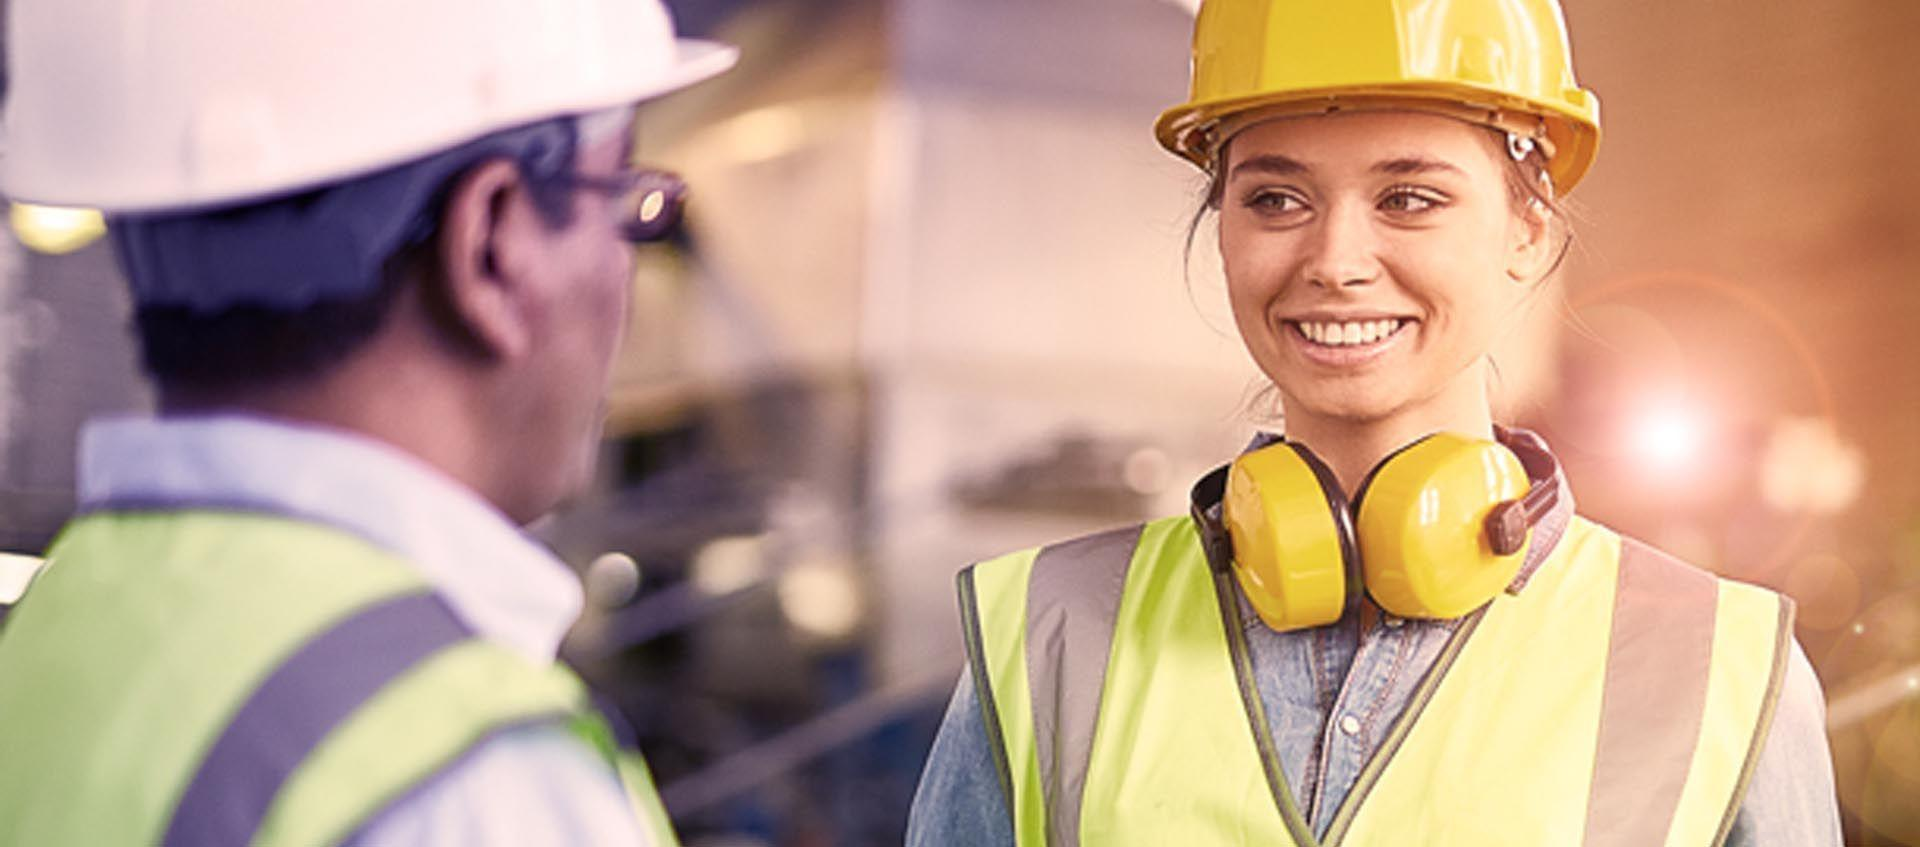 Curso segurança do trabalho Uberlândia